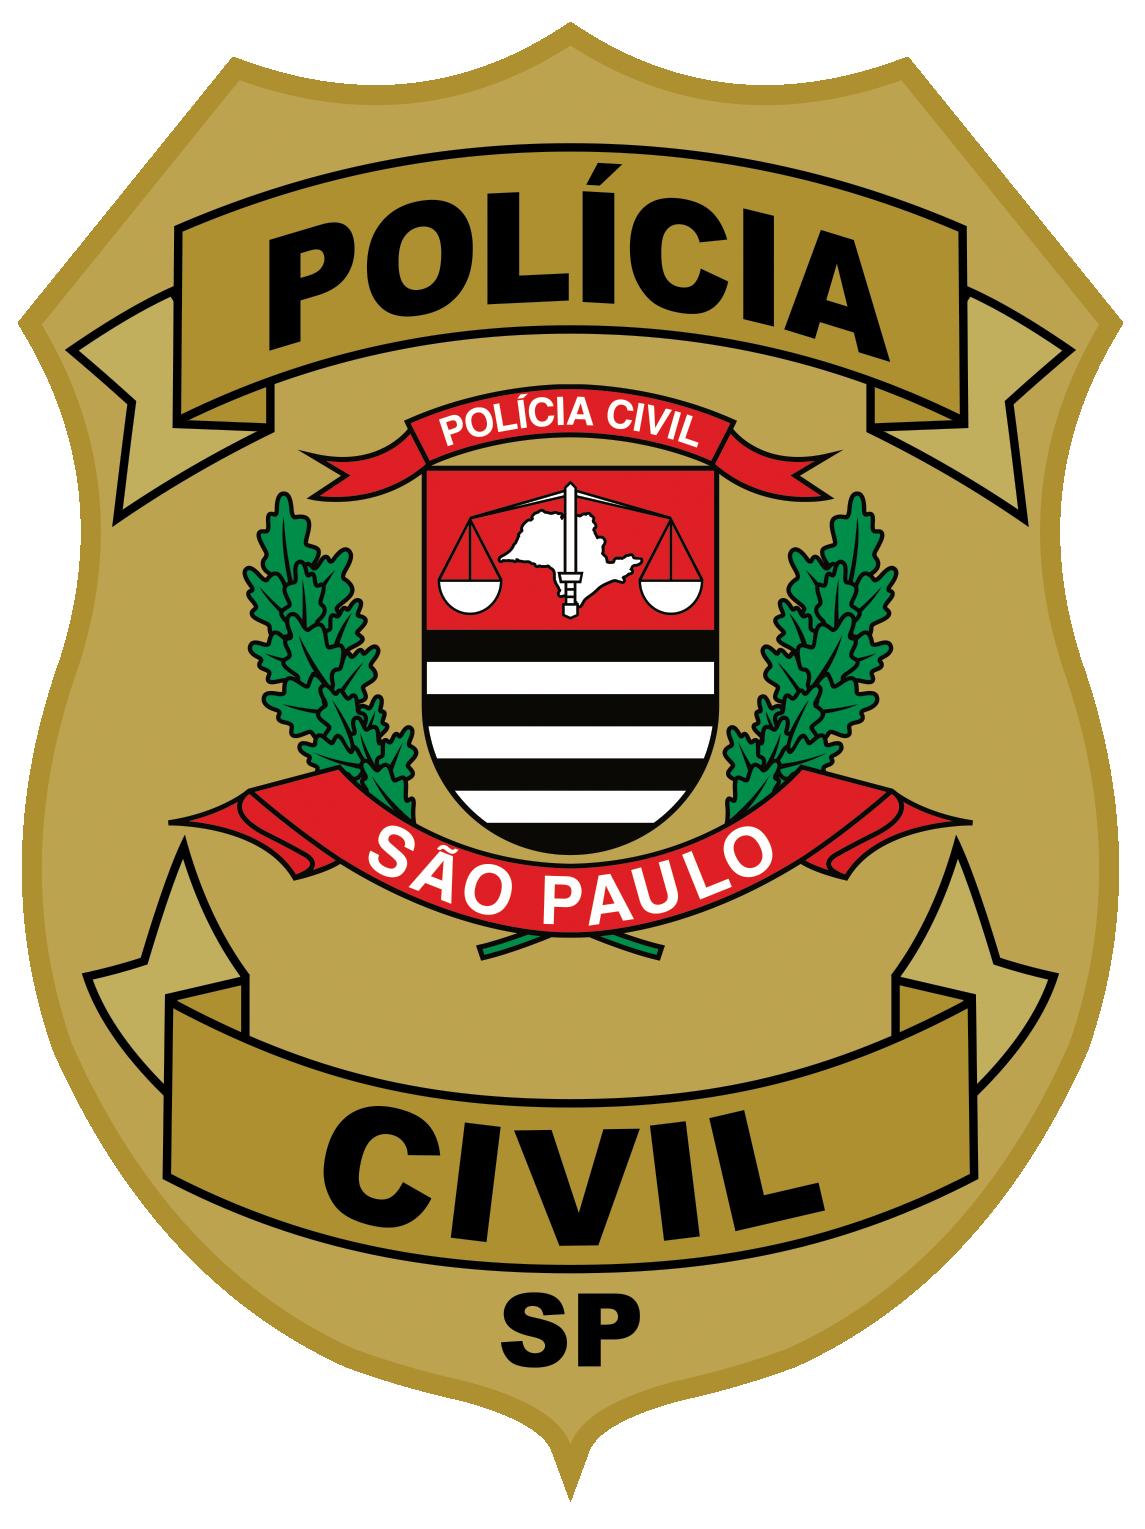 Emblema PCSP.png